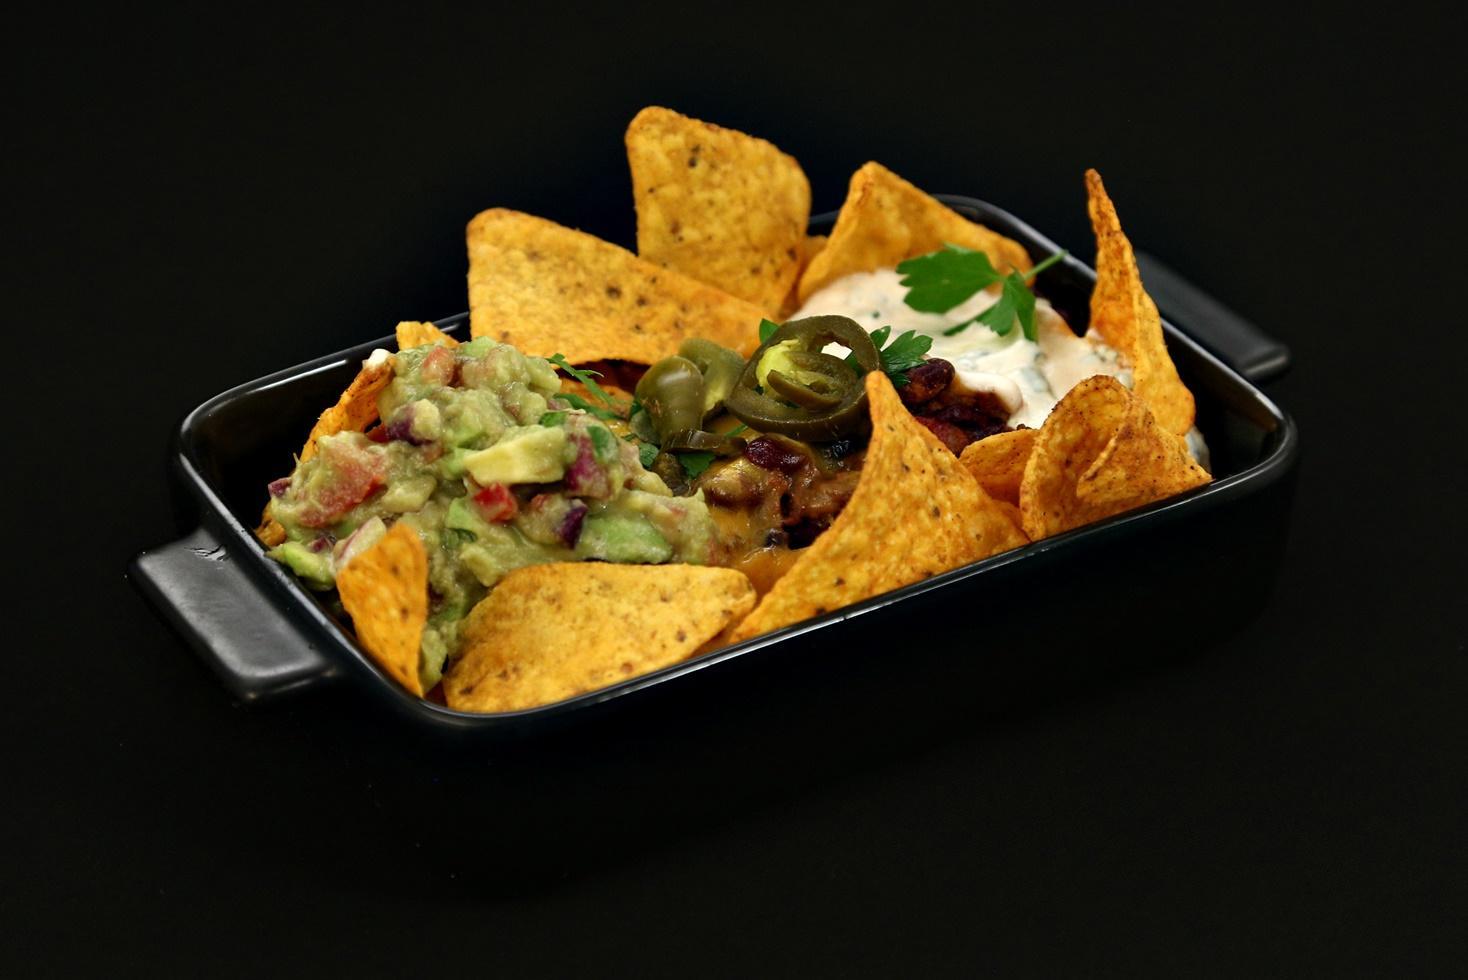 Rețetă tradițională de nachos mexican